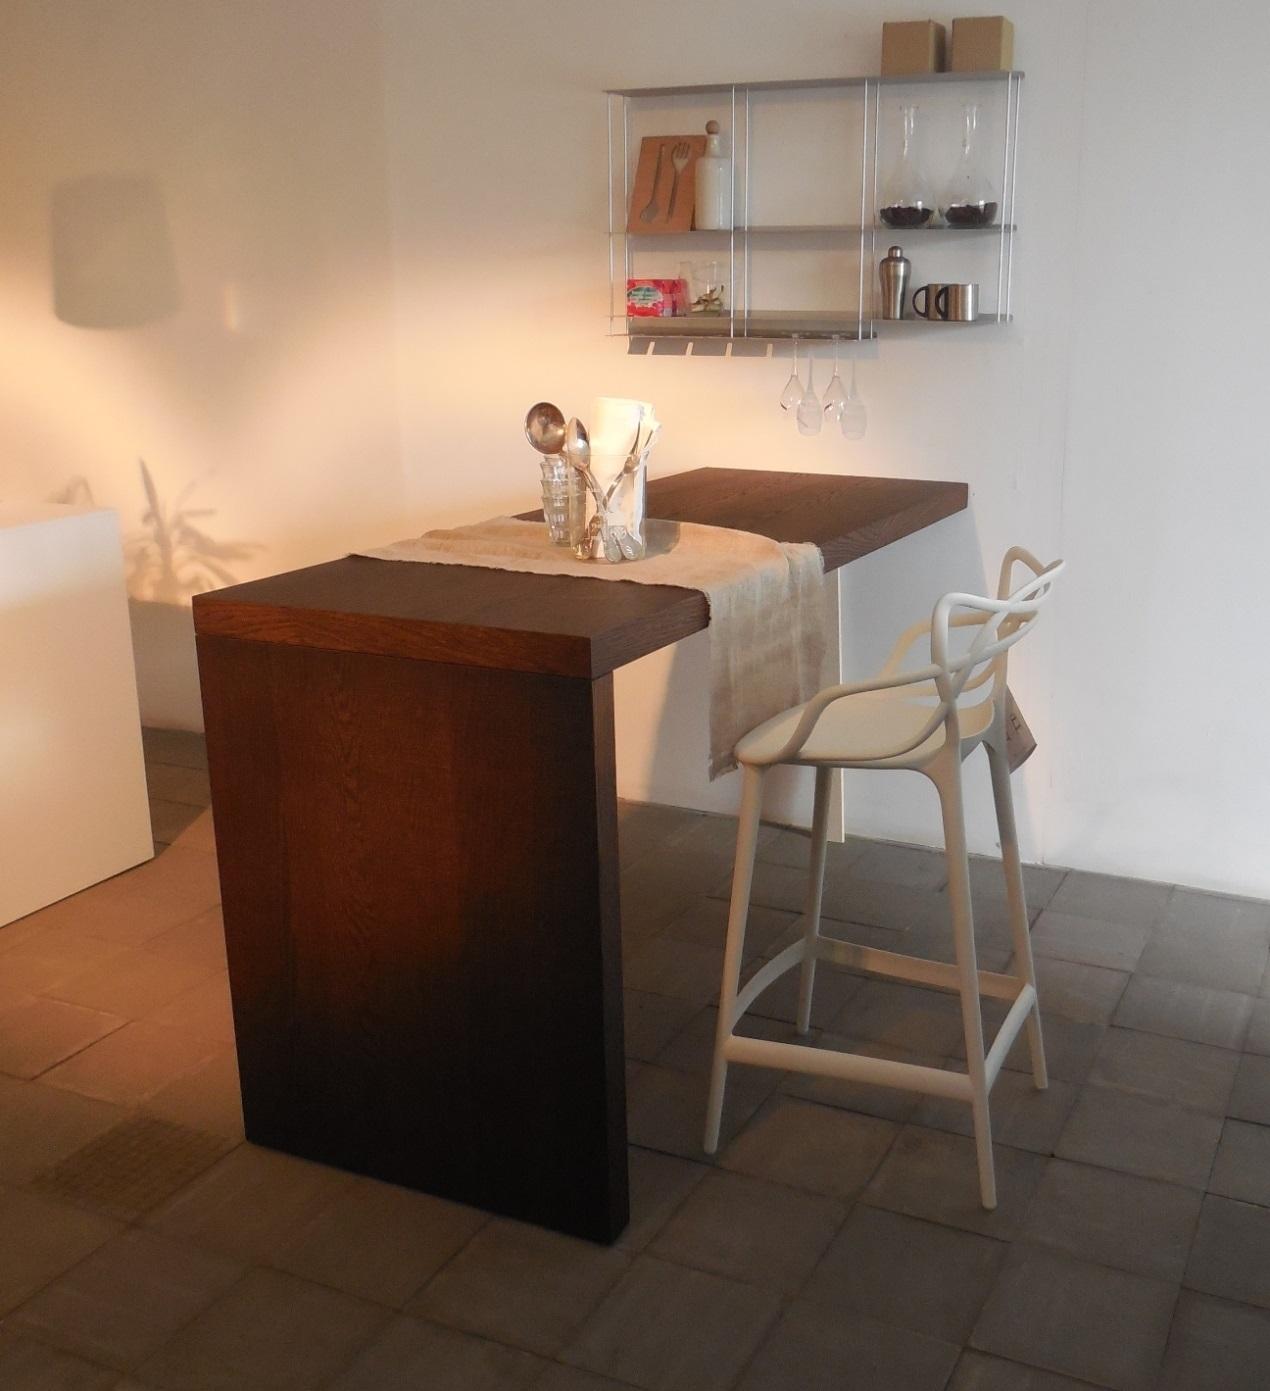 Cucina modulnova piano snack penisola tavolo rovere raw for Altezza piano cucina